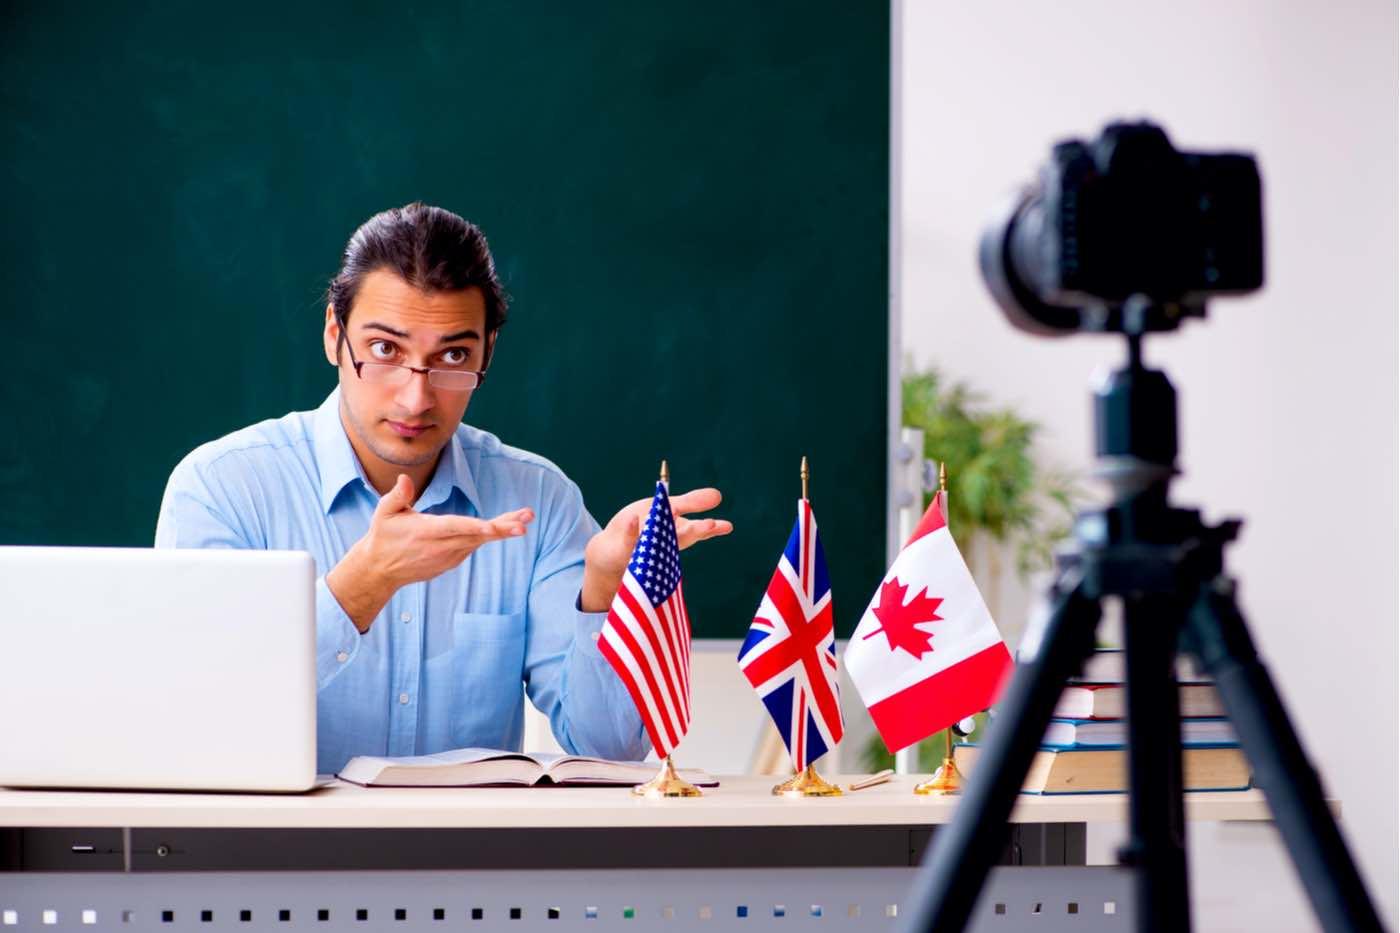 Aprende inglés en tiempo récord con una revolucionaria metodología de NEUROAPRENDIZAJE